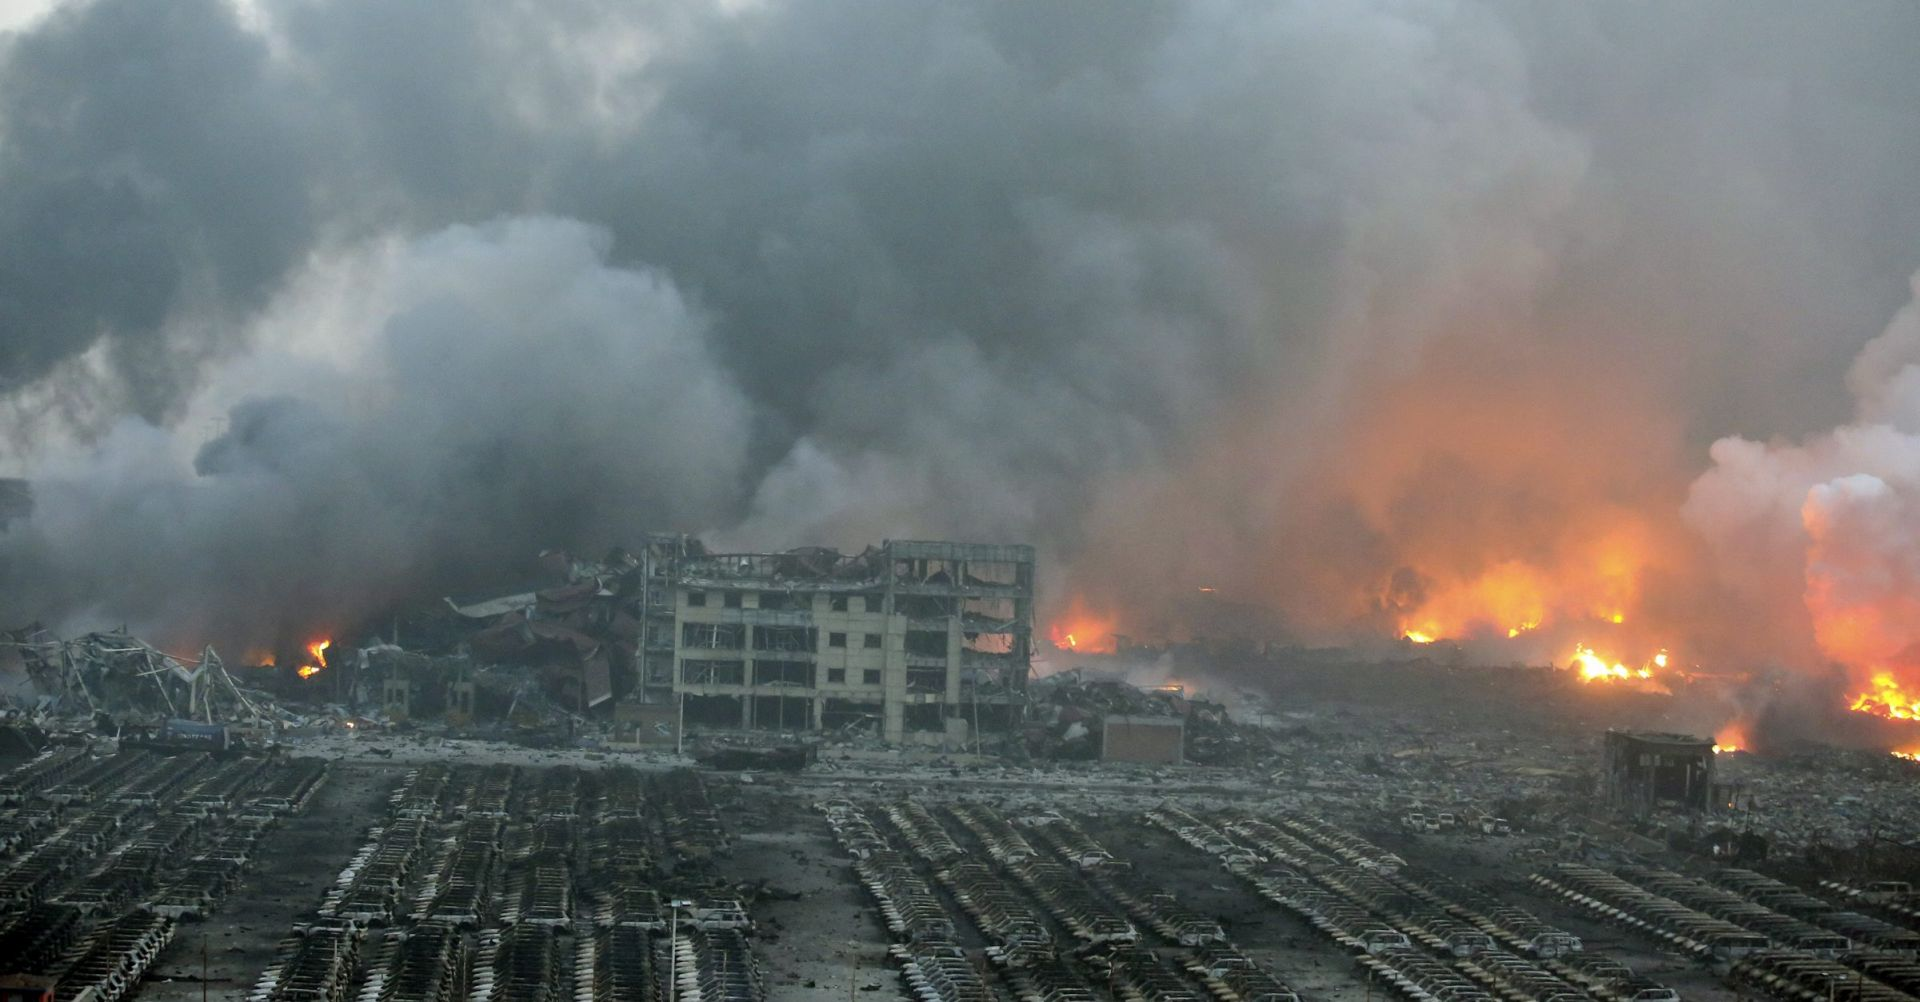 POGINULO 139 OSOBA Uhićenja u Kini zbog umiješanosti u eksplozije u Tianjinu